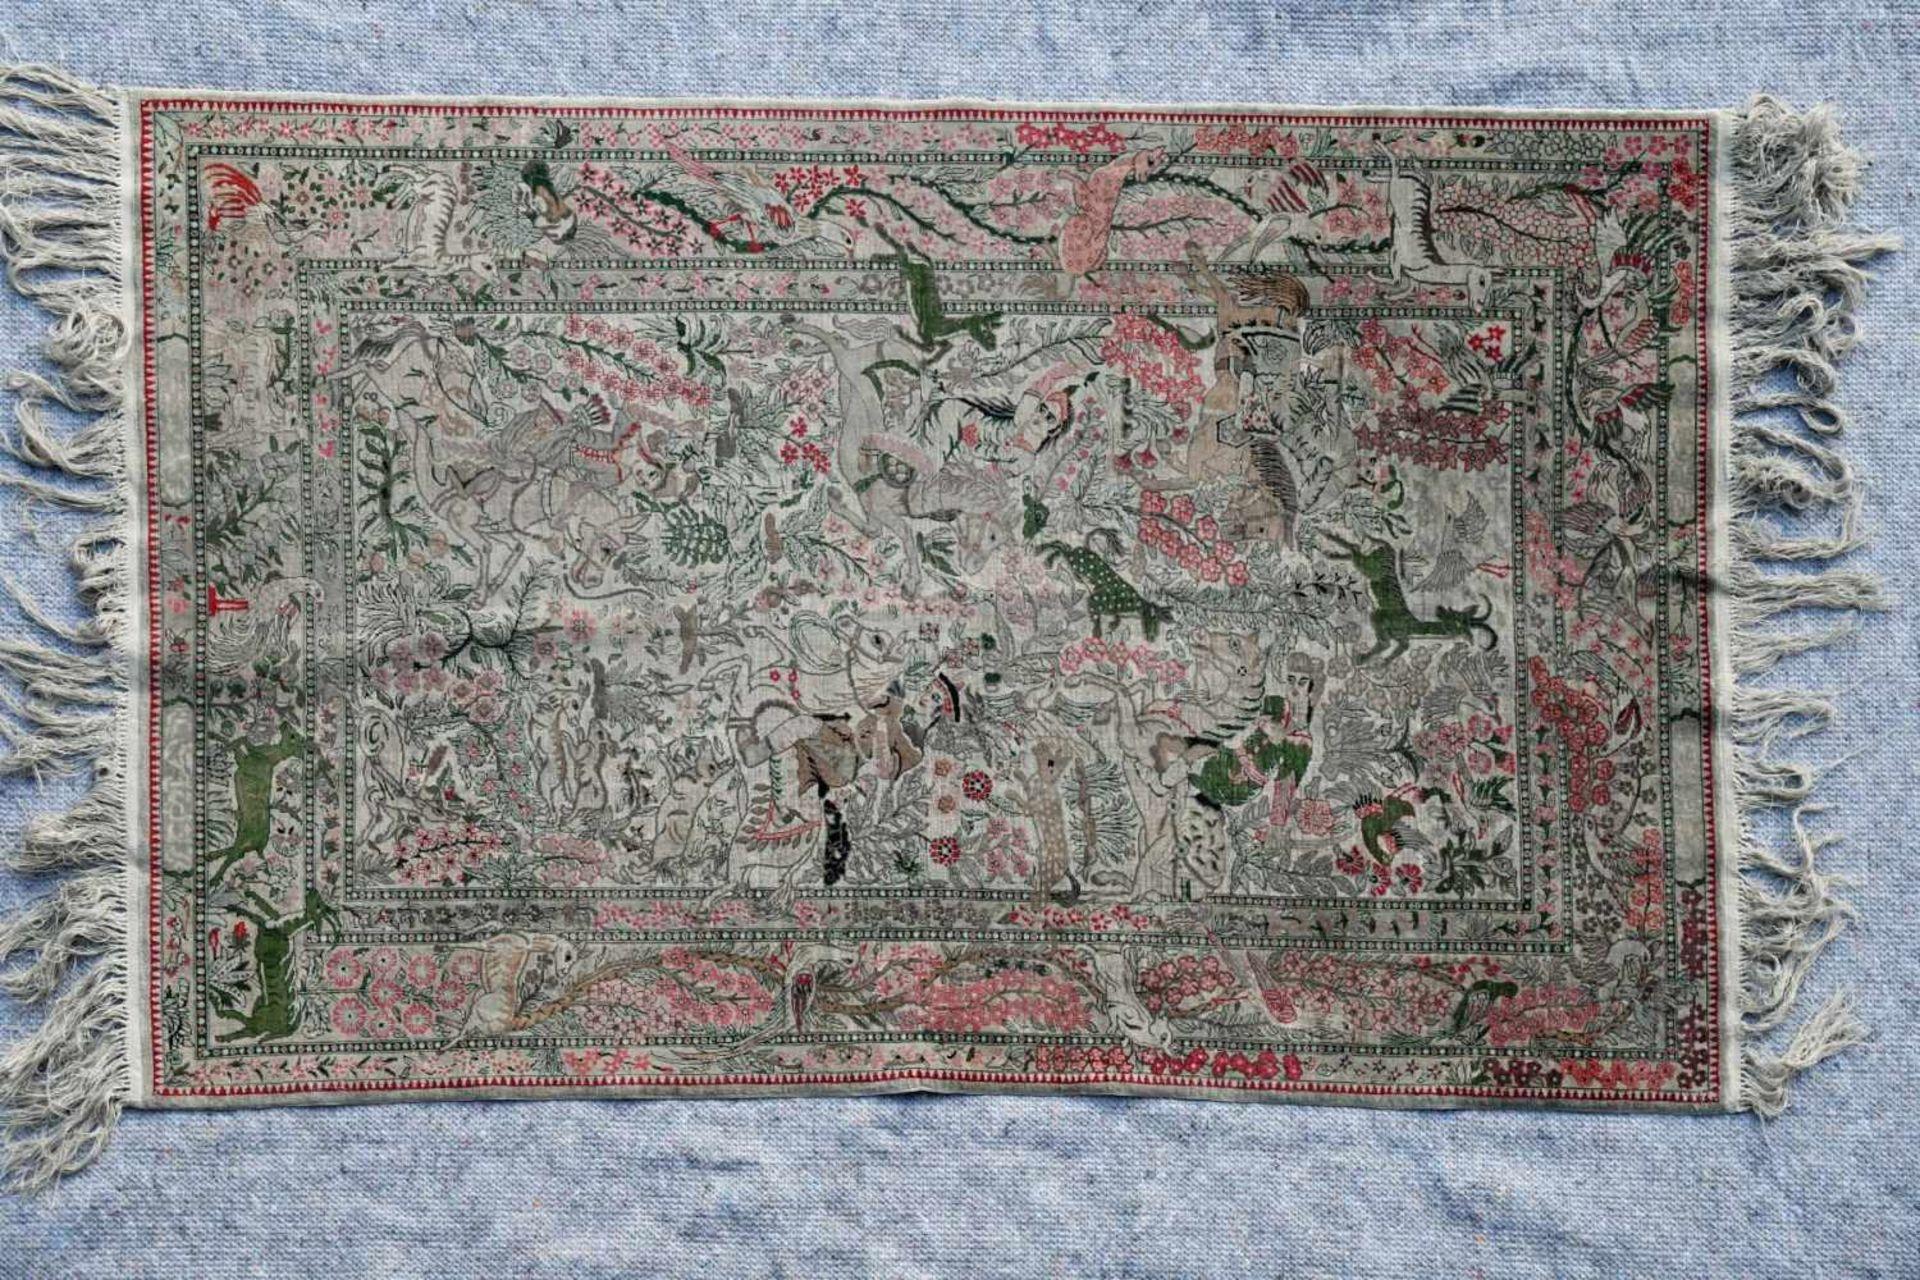 Seidenbrücke, Persienin vorwiegend beige, rot und grün gehaltener Bilderteppich mit